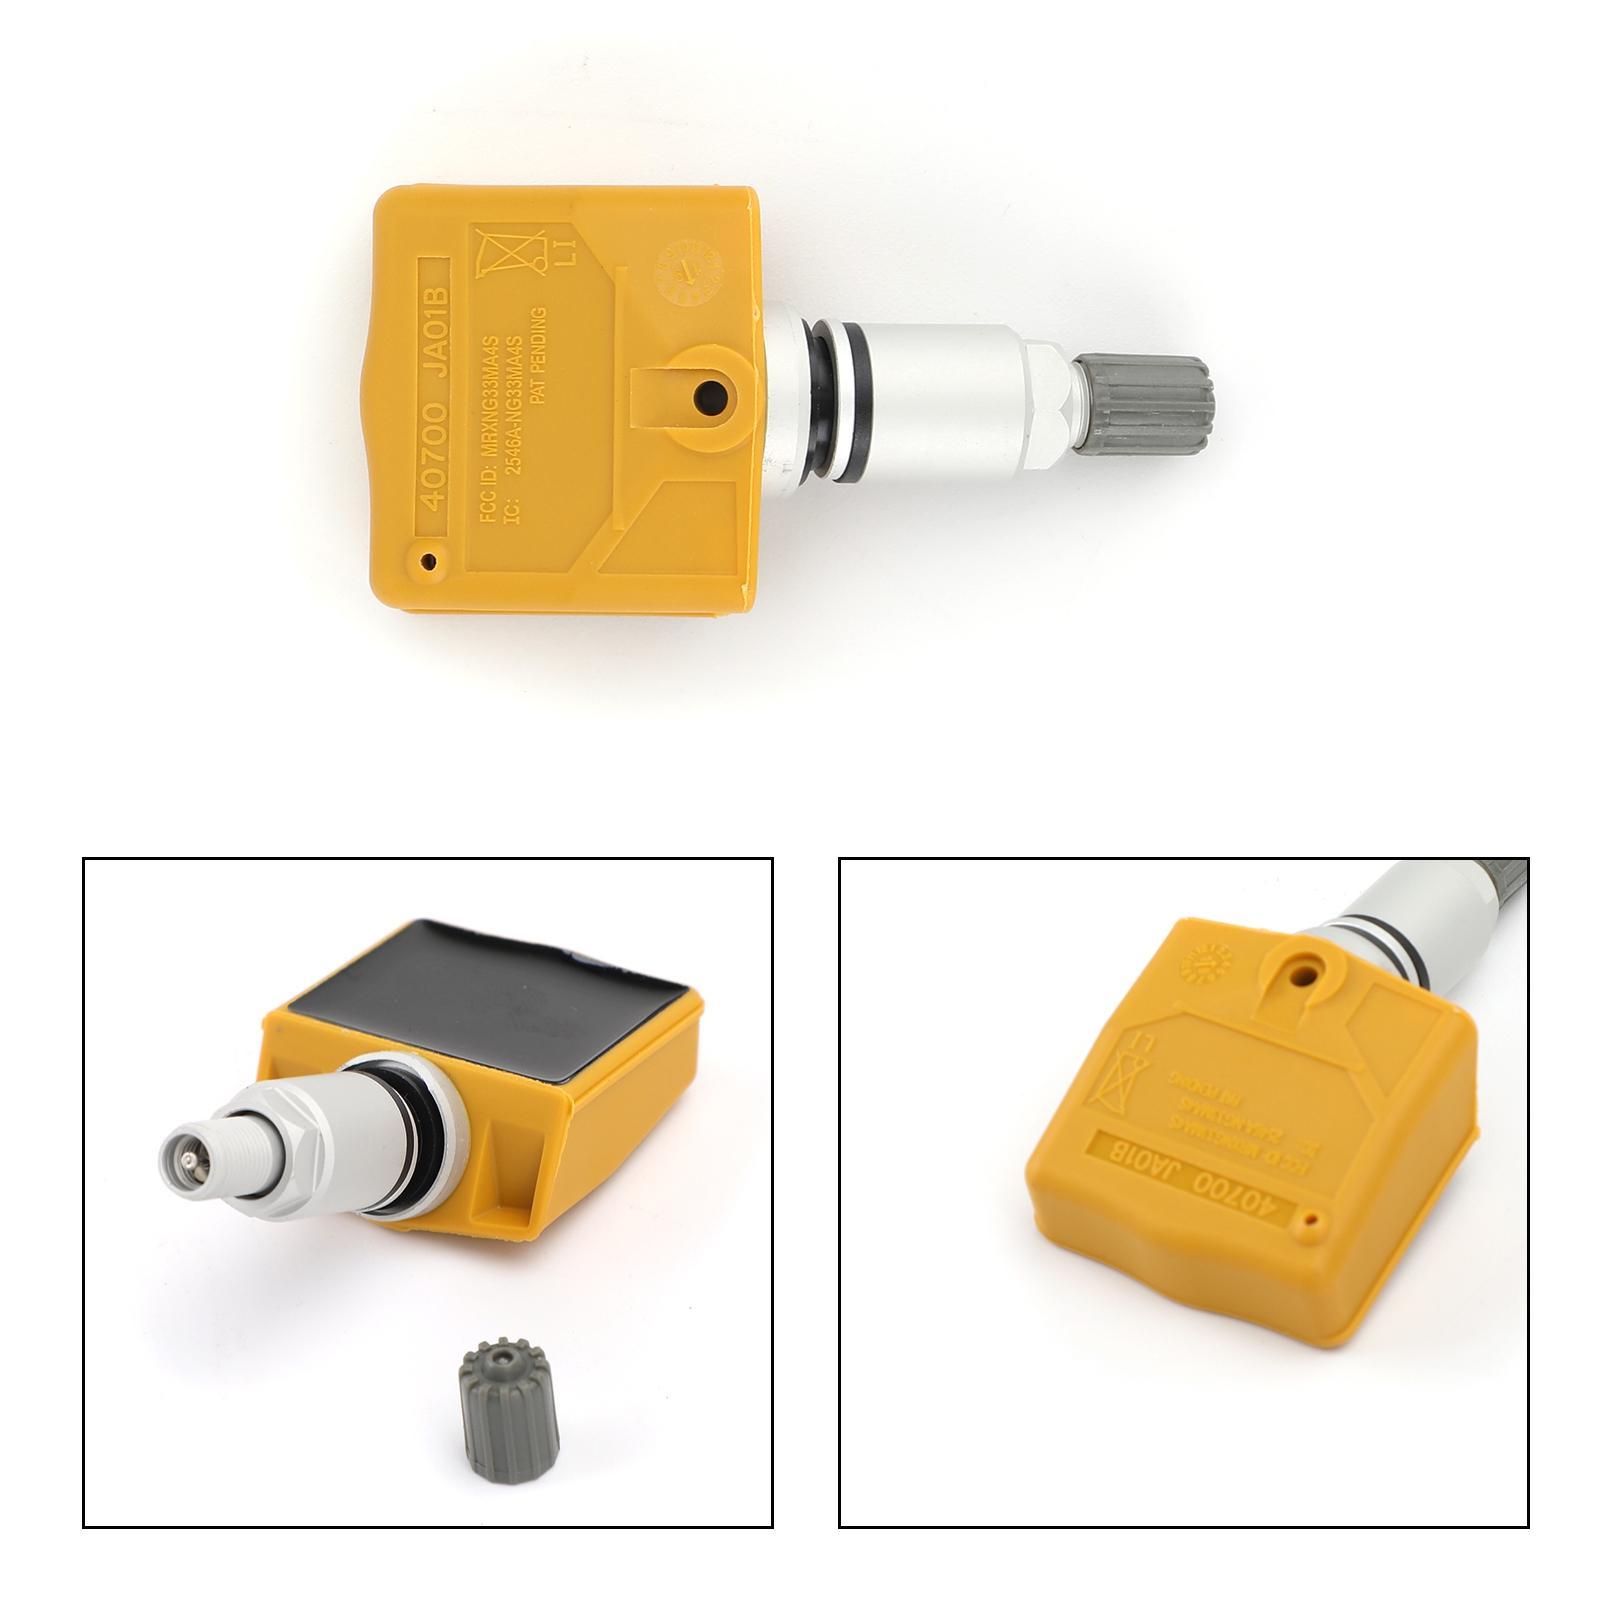 مجسات Areyourshop 40700-JA01B ضغط الإطارات TPMS الضغط الاستشعار 315 ميغاهيرتز لنيسان لإنفينيتي الأصفر TPMS متعلقاتها السيارات